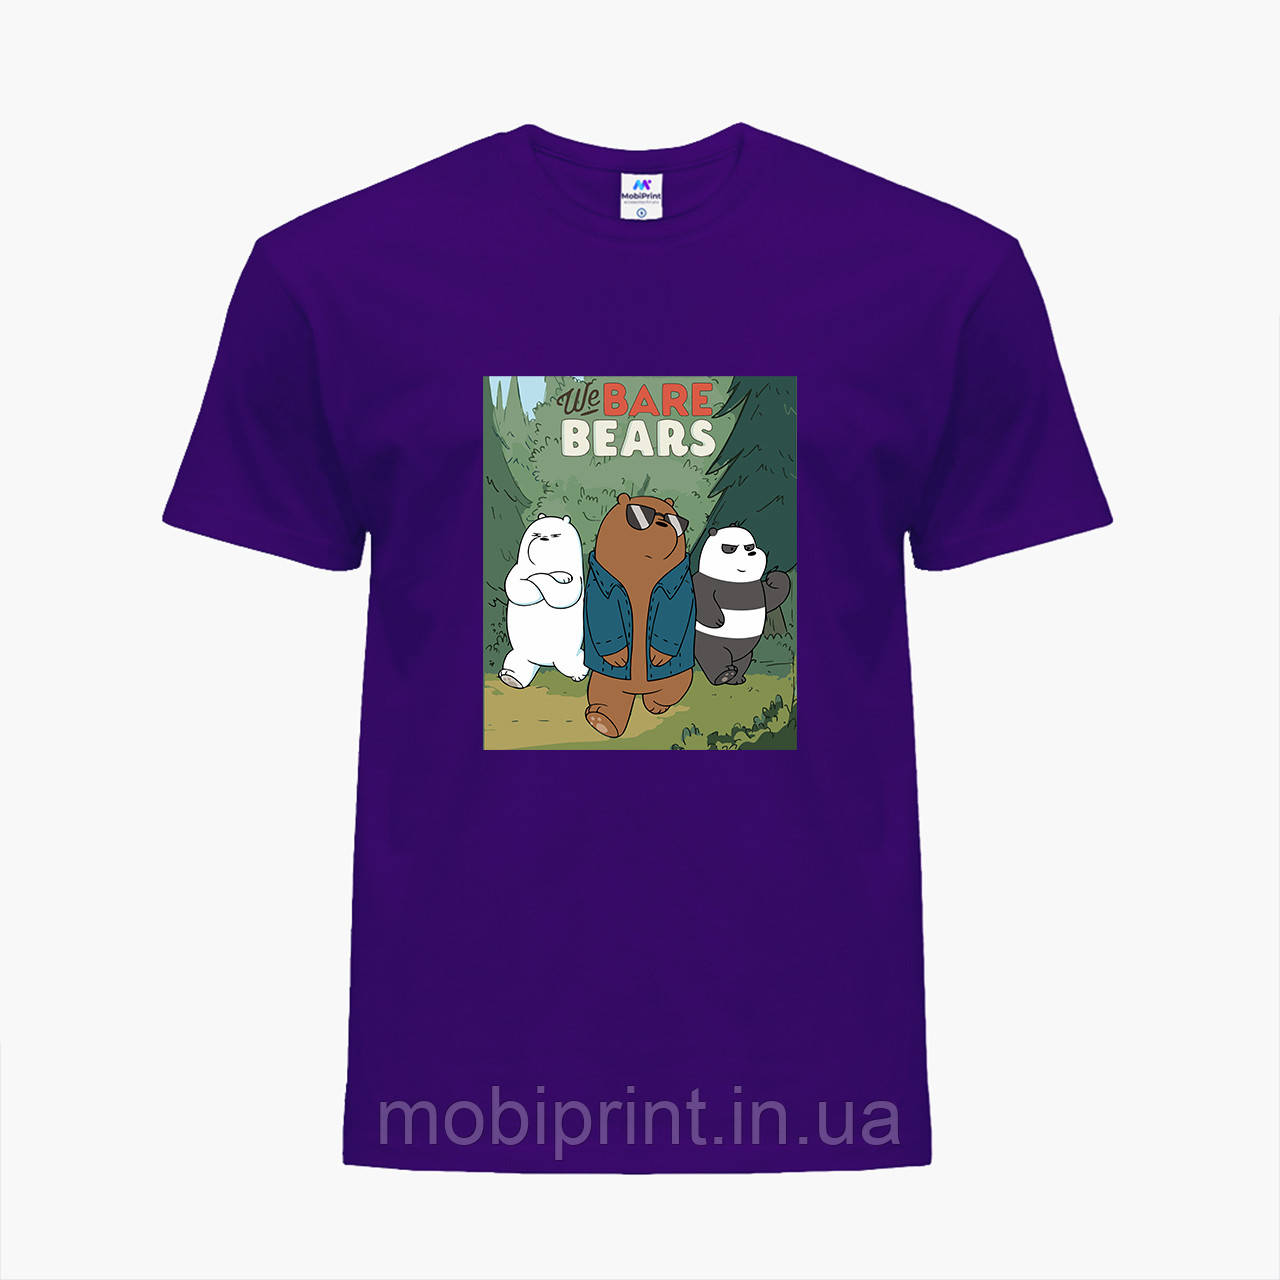 Дитяча футболка для хлопчиків Вся правда про ведмедів (We Bare Bears) (25186-2664-PU) Фіолетовий